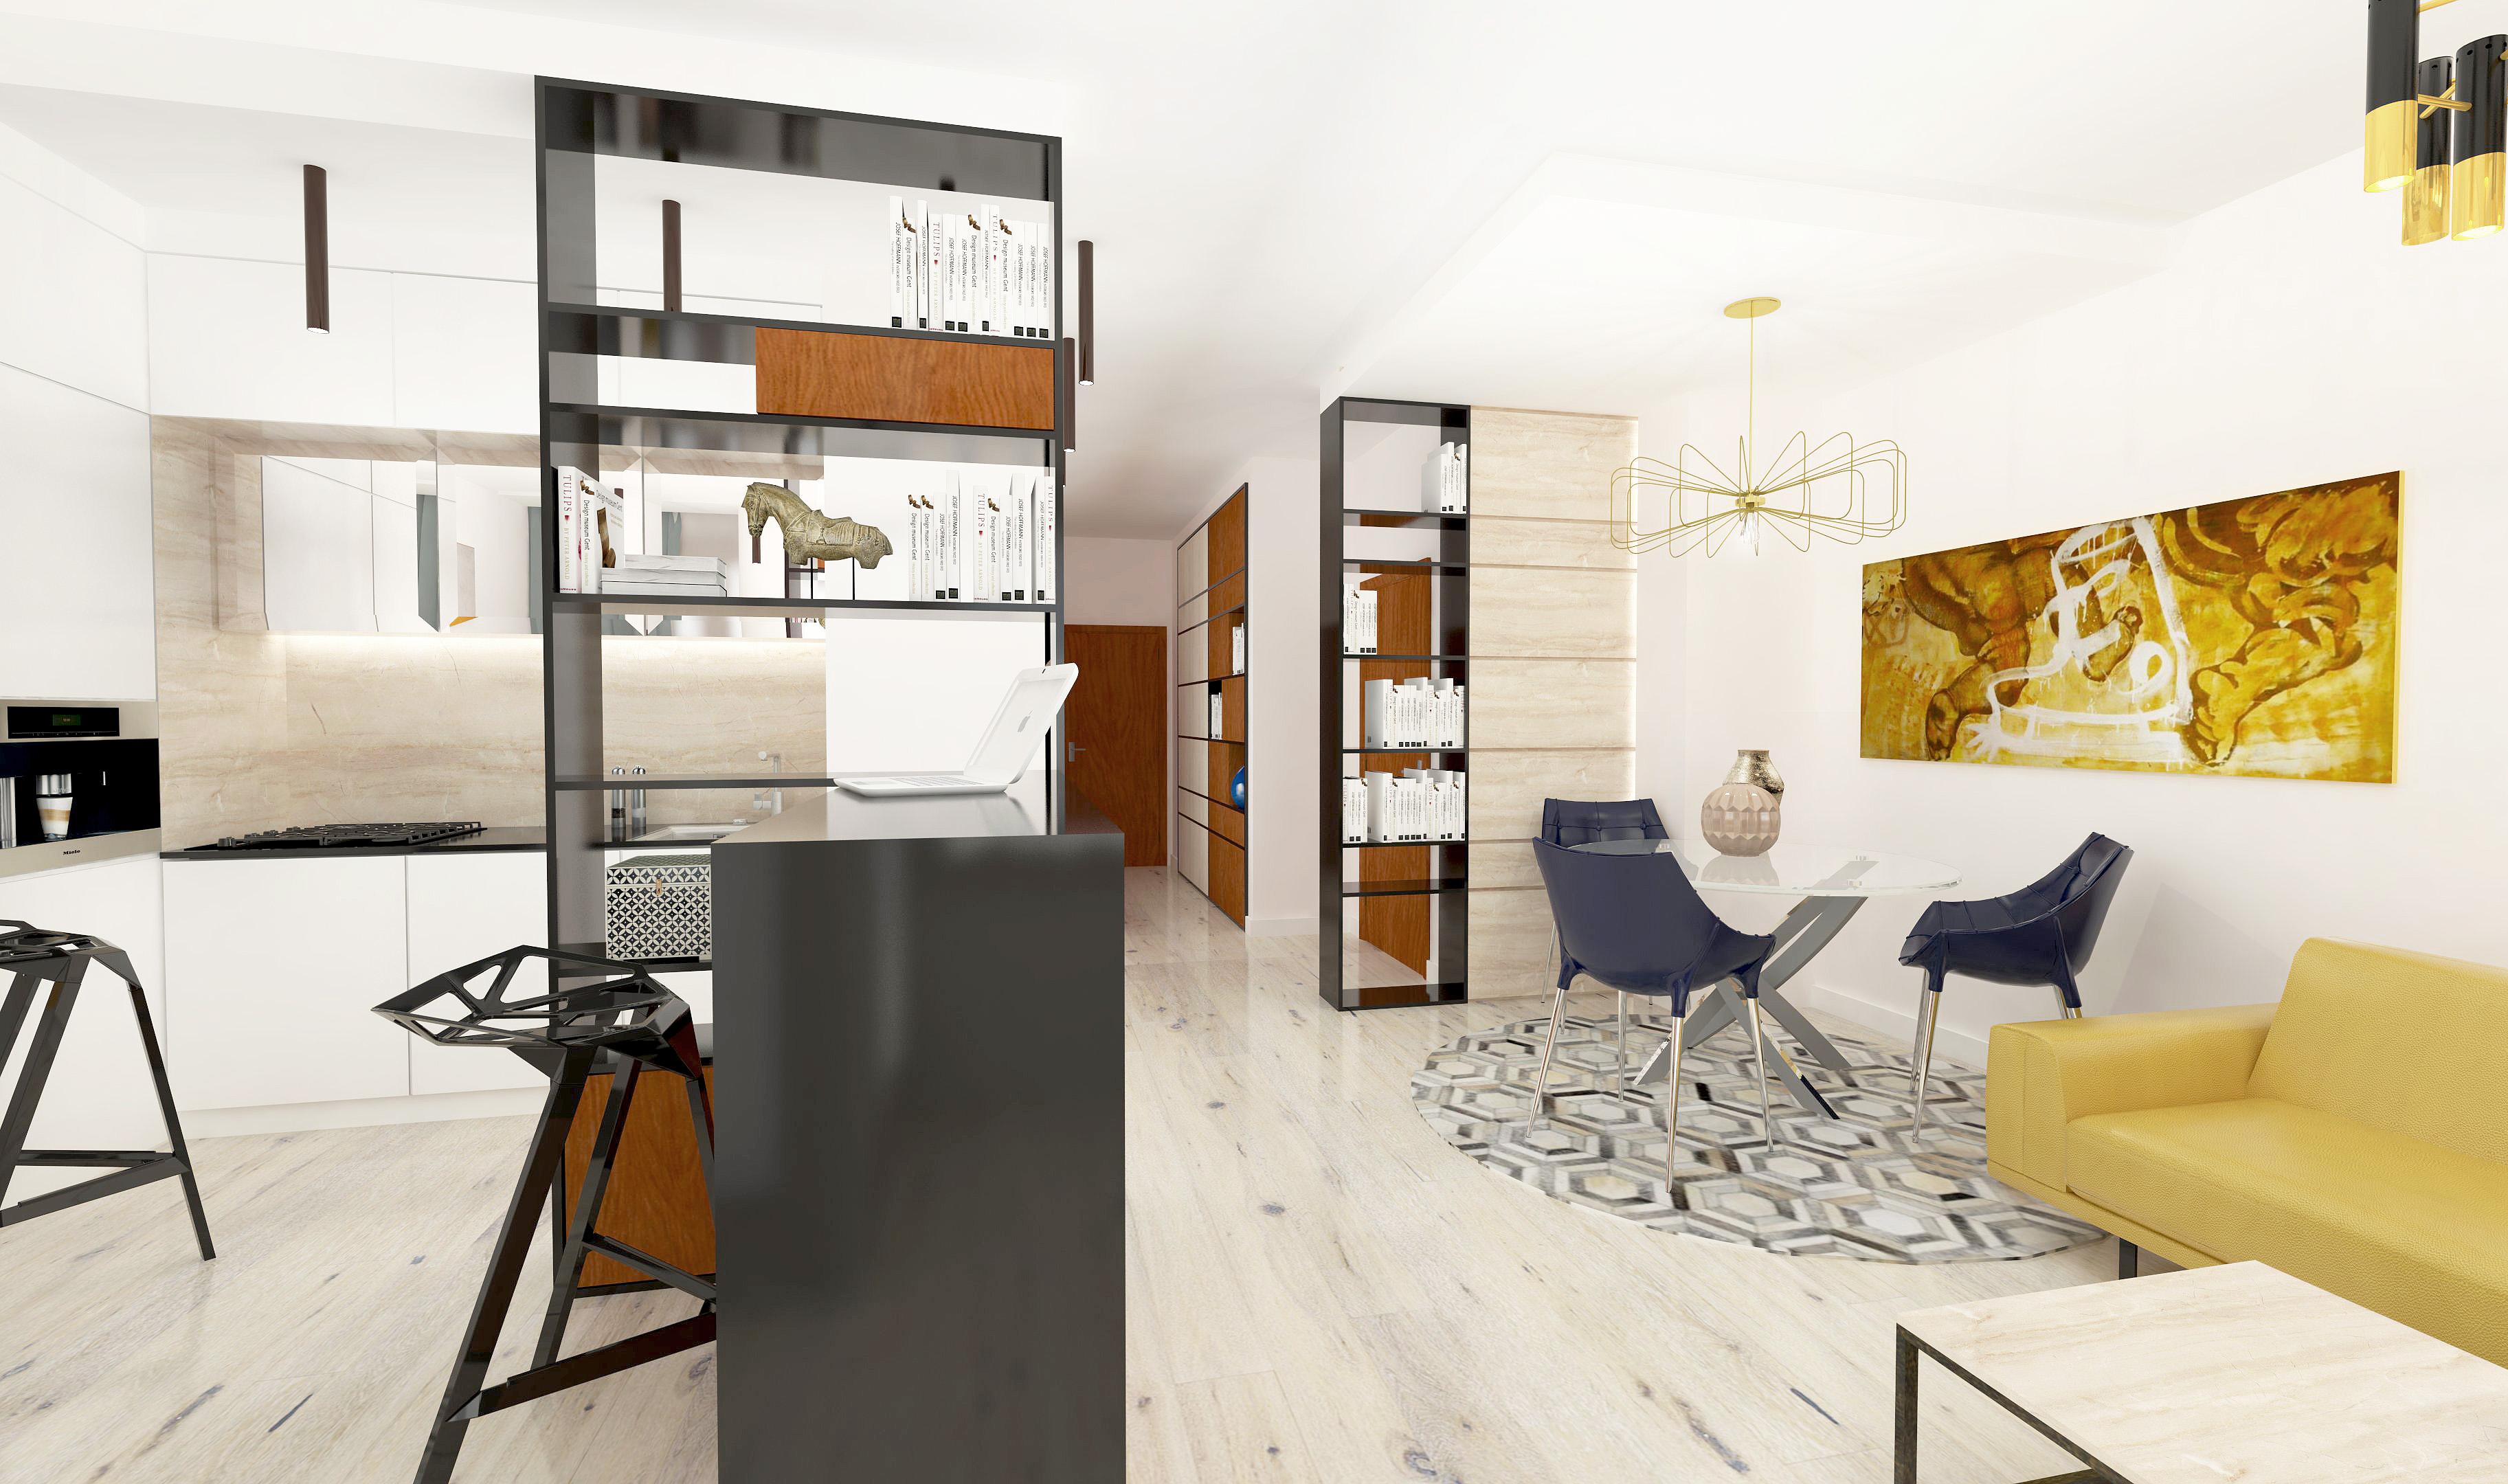 niemcewicza 17, projektowanie wnętrz, napollo, apartament, salon